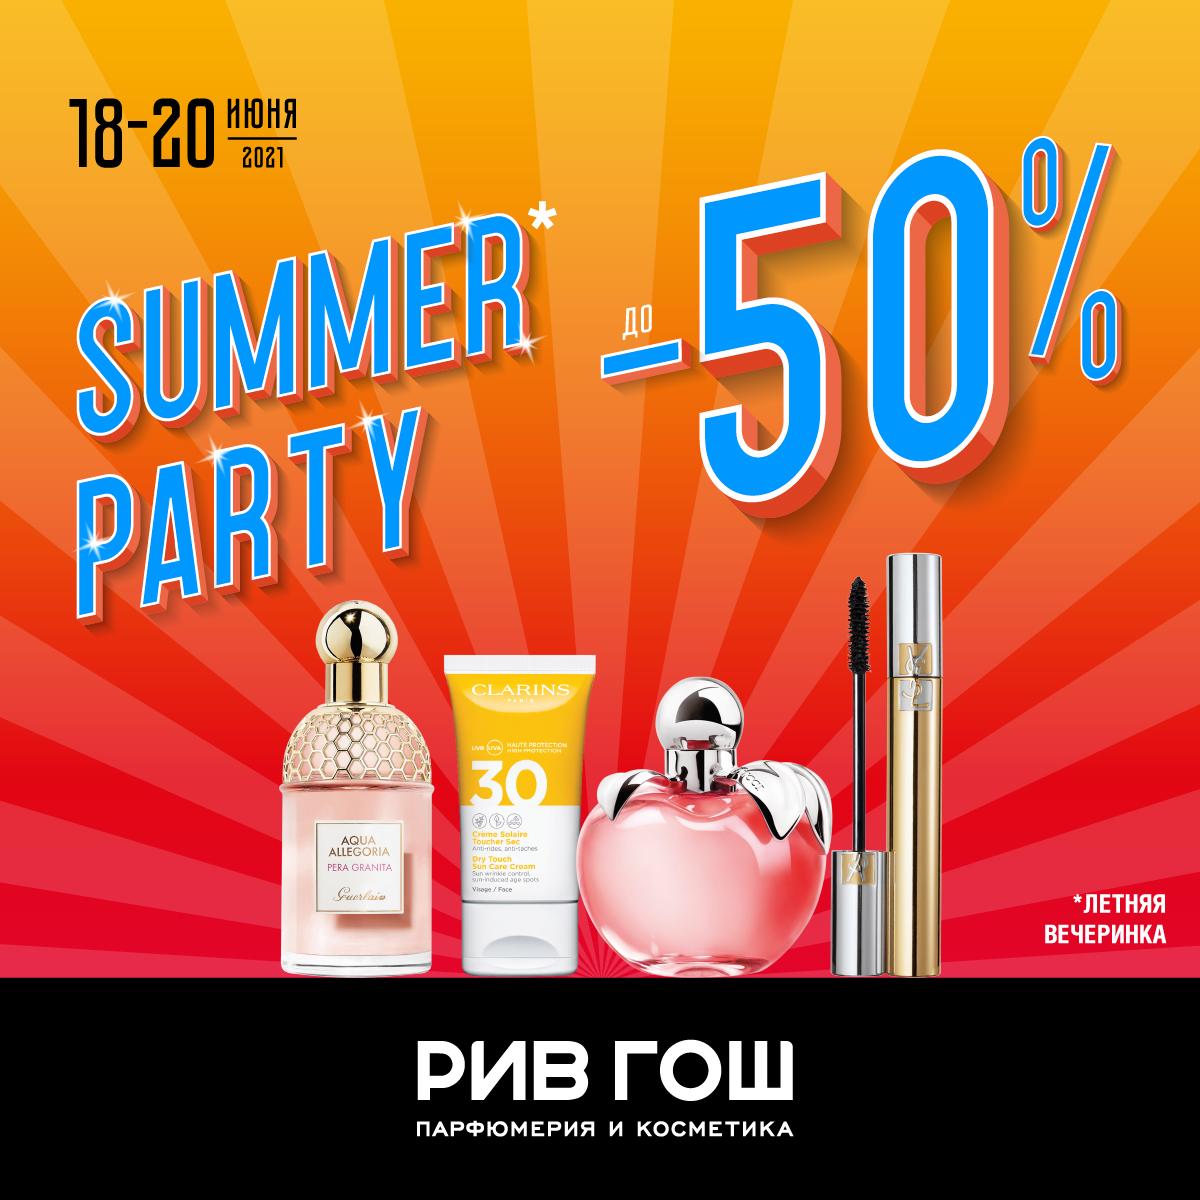 """""""SUMMER PARTY"""" в магазинах """"Рив Гош""""!"""